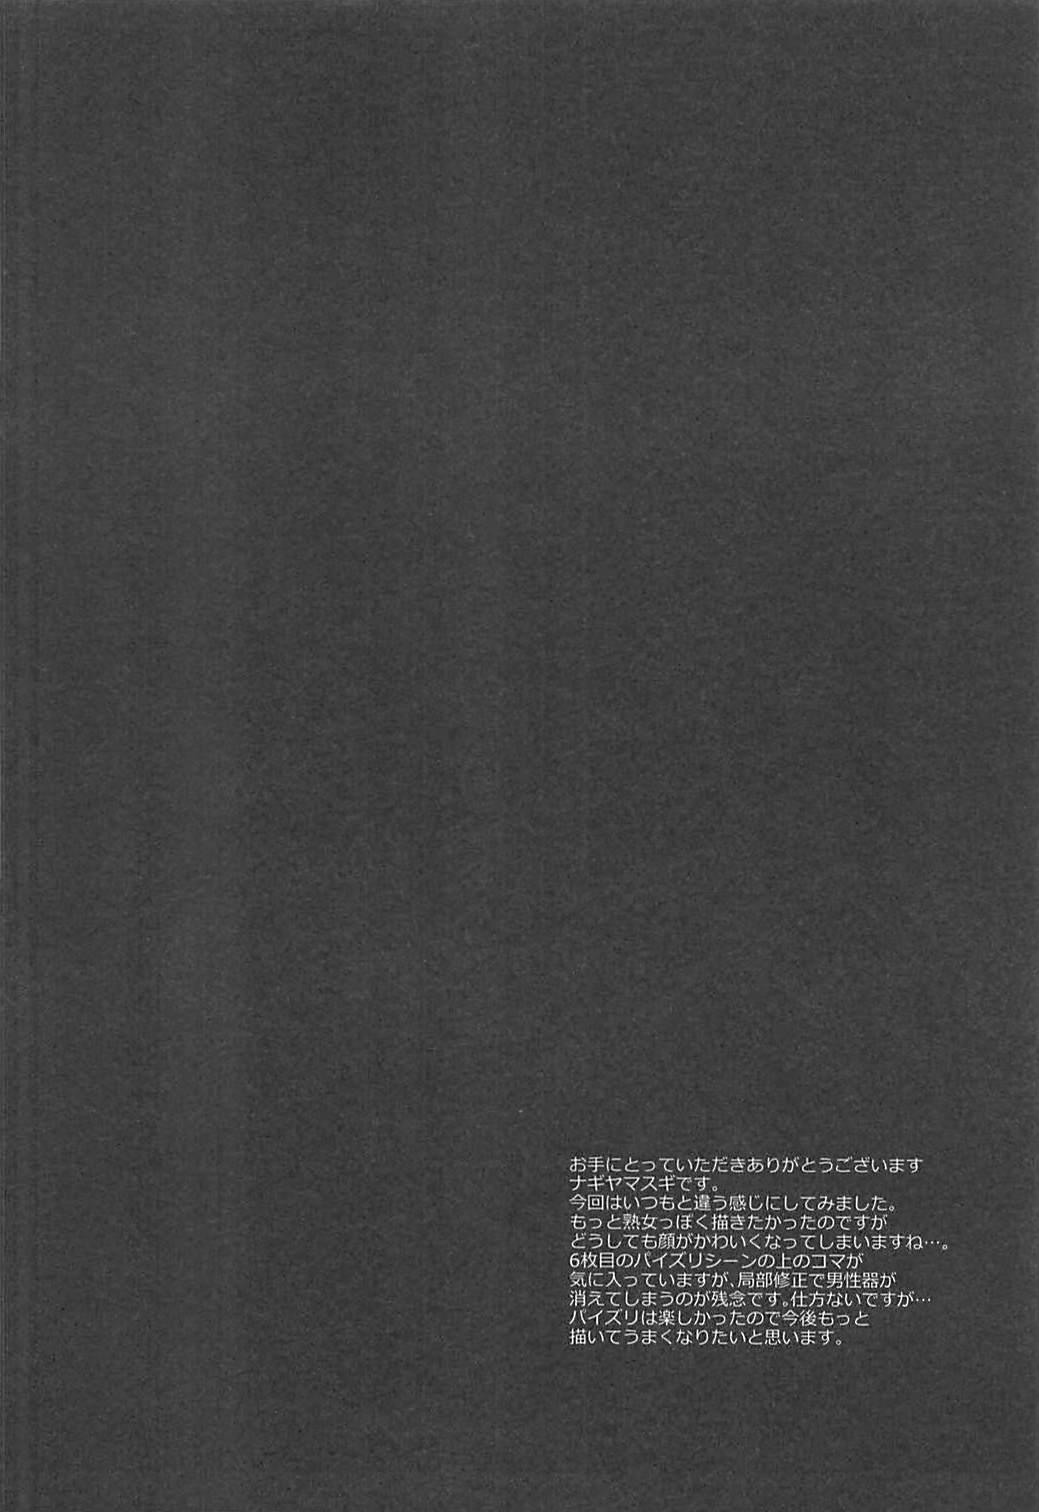 Touhou Sakusei 1 Yuyupai 2